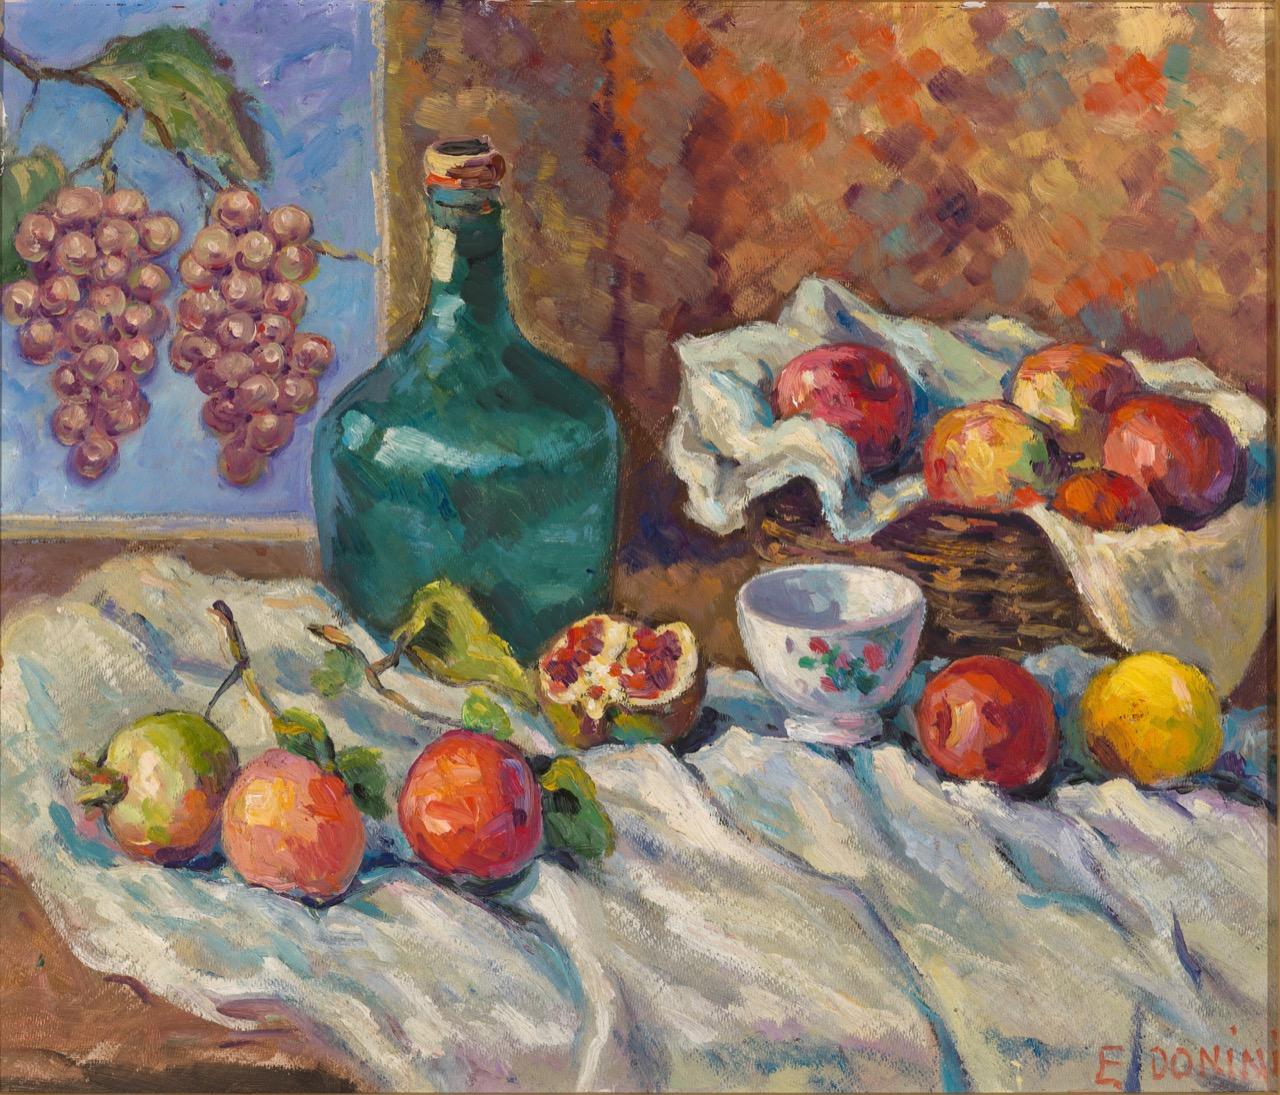 Natura morta, cesto con mele, anni '80, olio su faesite, 57x64 cm